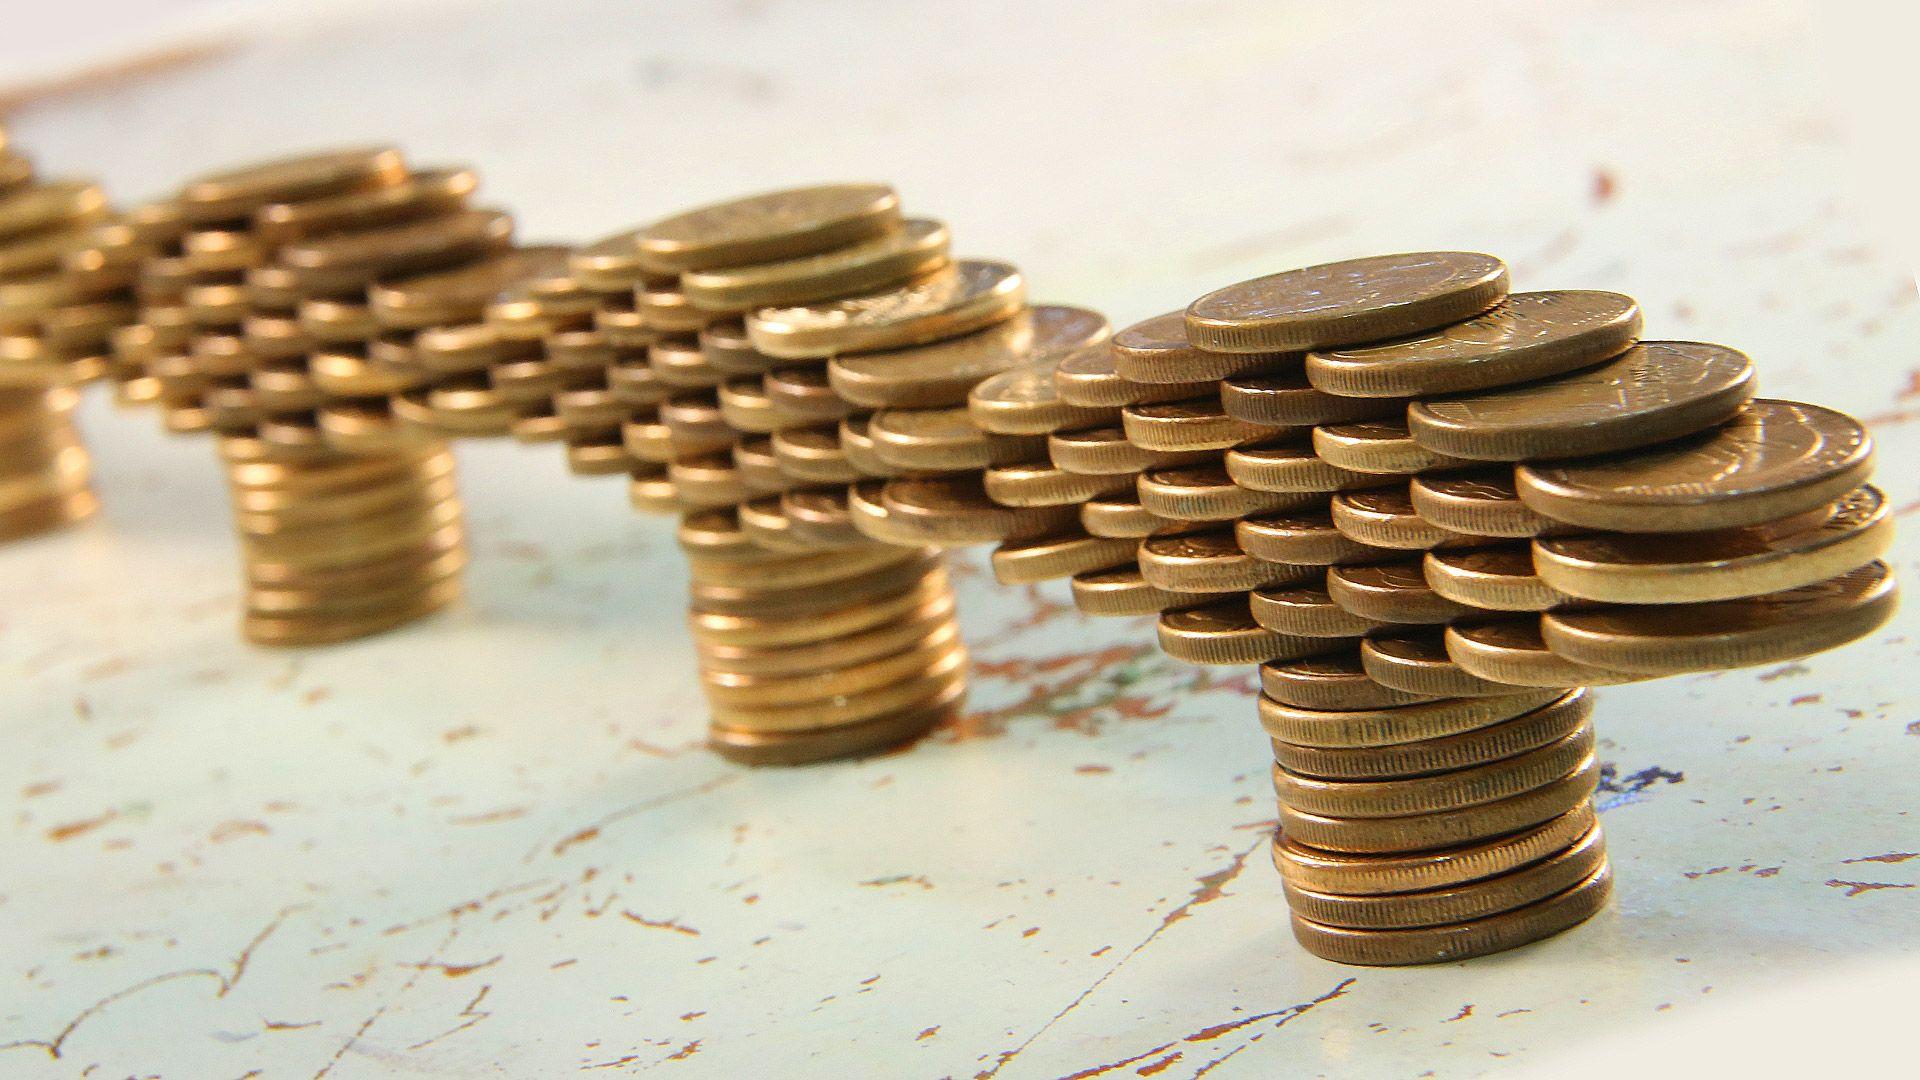 a19ce0d0b0f Veja passo a passo como fazer em casa o experimento da ponte de moedas.  Prepare suas moedinhas e o aprendizado das aulas de física e mãos à obra.